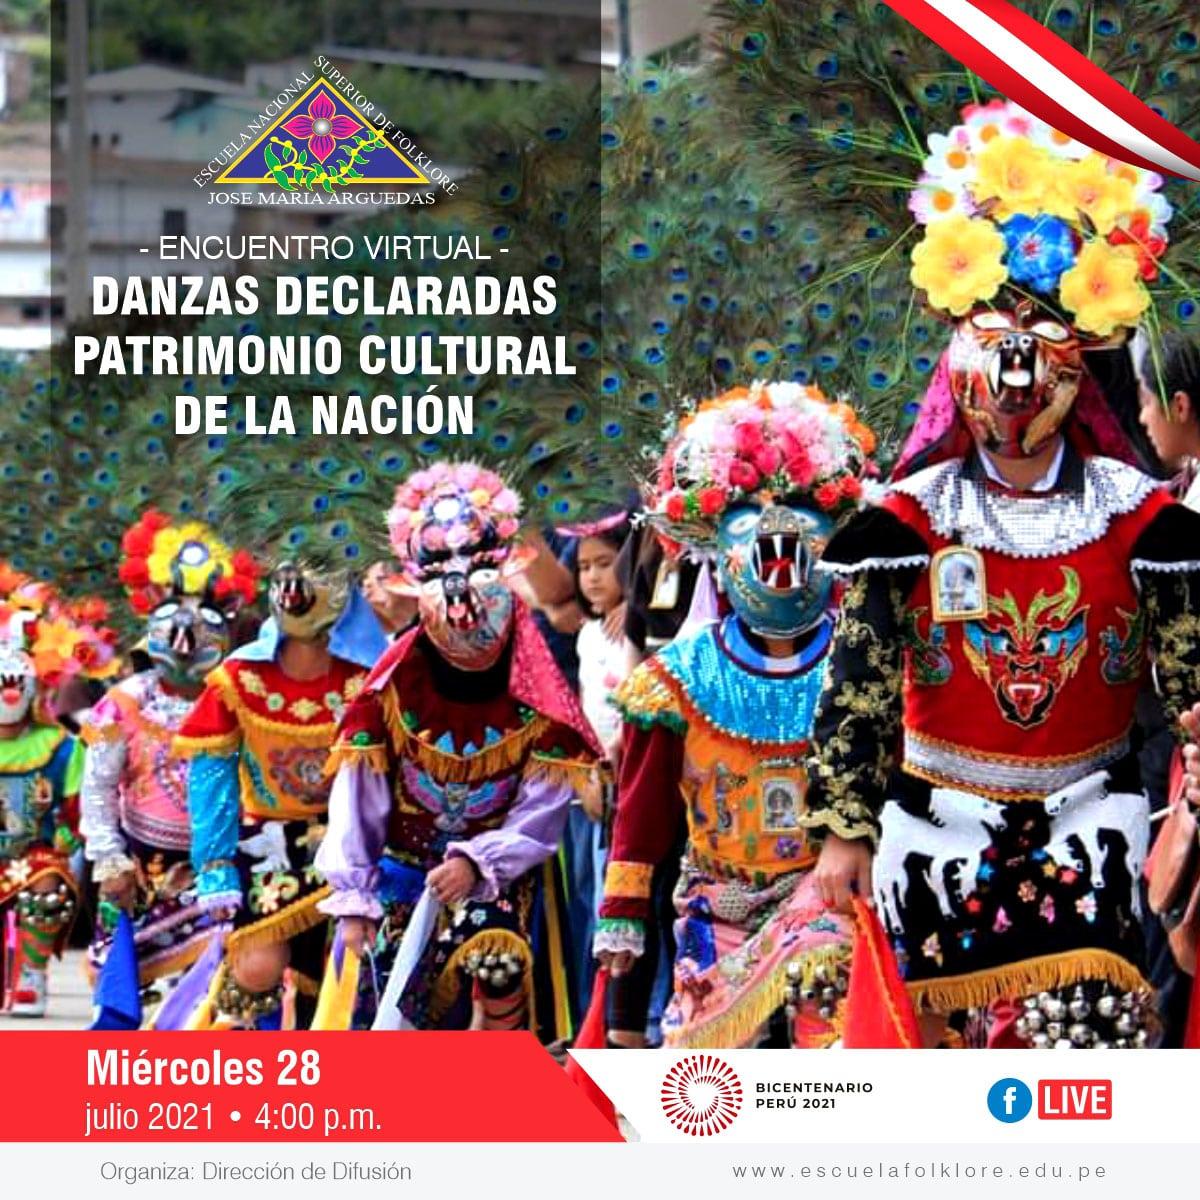 ENCUENTRO VIRTUAL DE DANZAS DECLARADAS PATRIMONIO CULTURAL DE LA NACIÓN